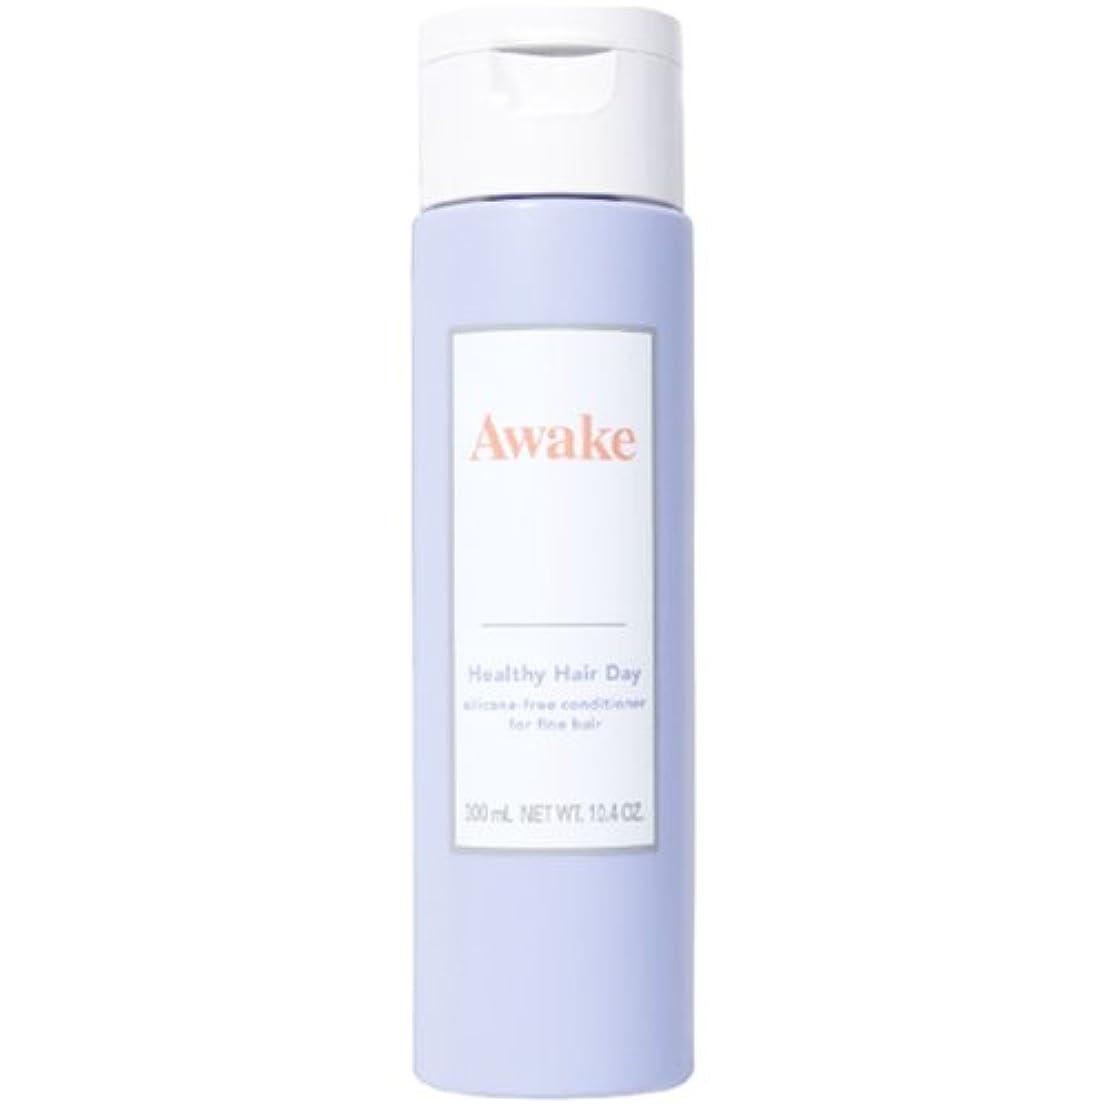 アフリカジョージハンブリー色合いアウェイク(AWAKE) Awake(アウェイク) ヘルシーヘアデイ シリコーンフリー ヘアコンディショナー ハリコシアップヘア用 (300mL)